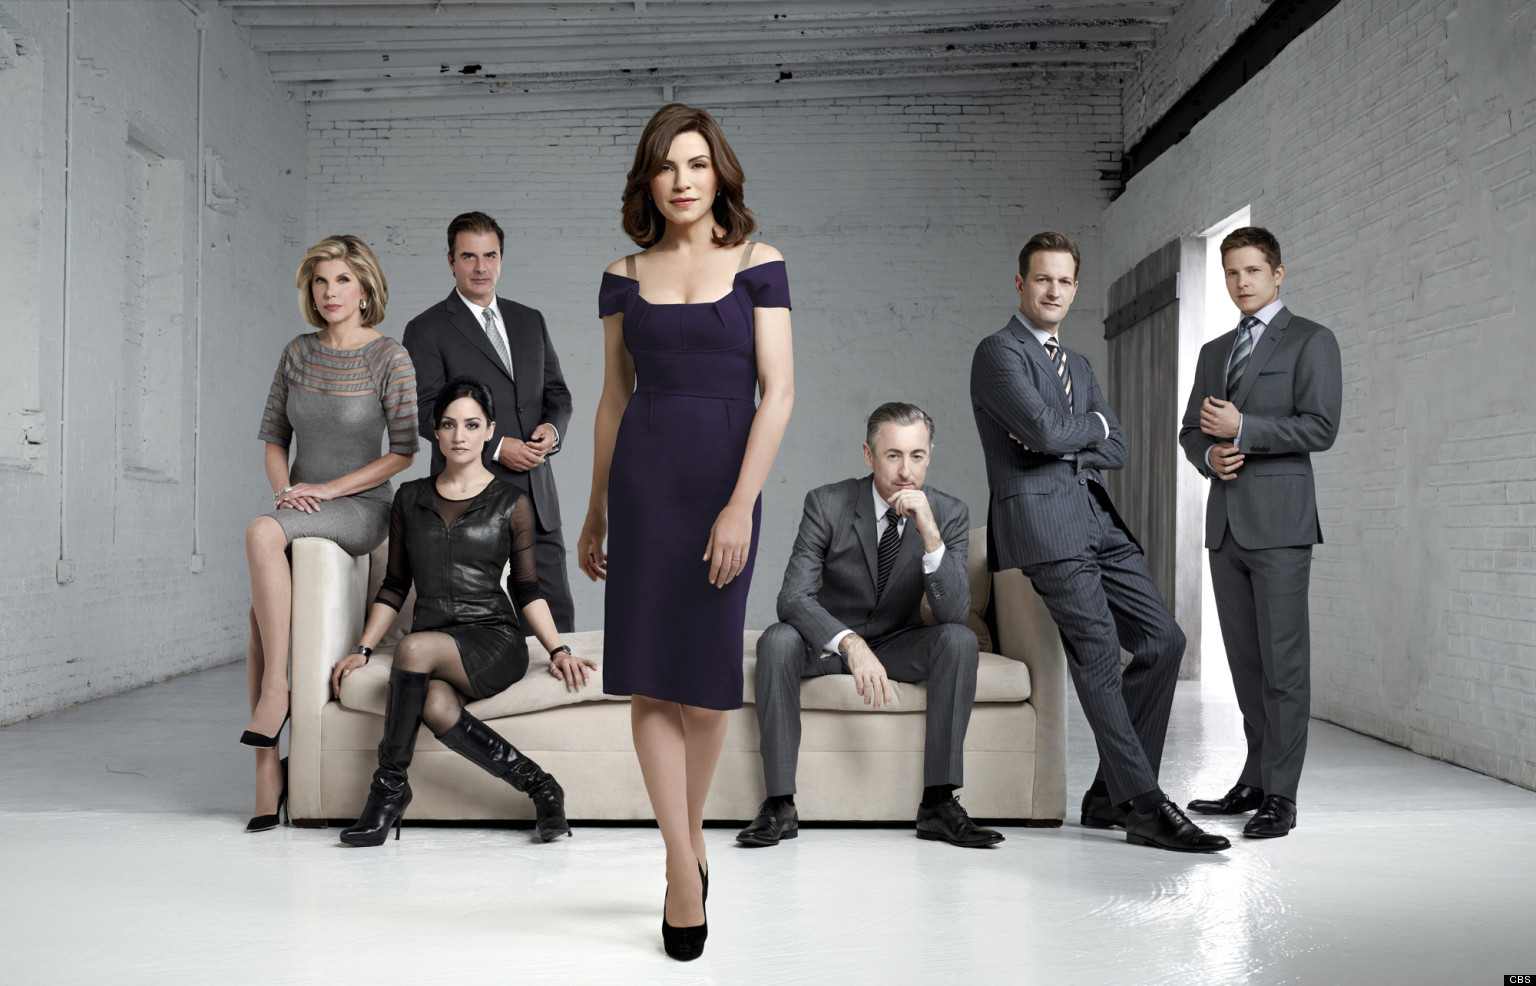 o-the-good-wife-season-5-facebook.jpg